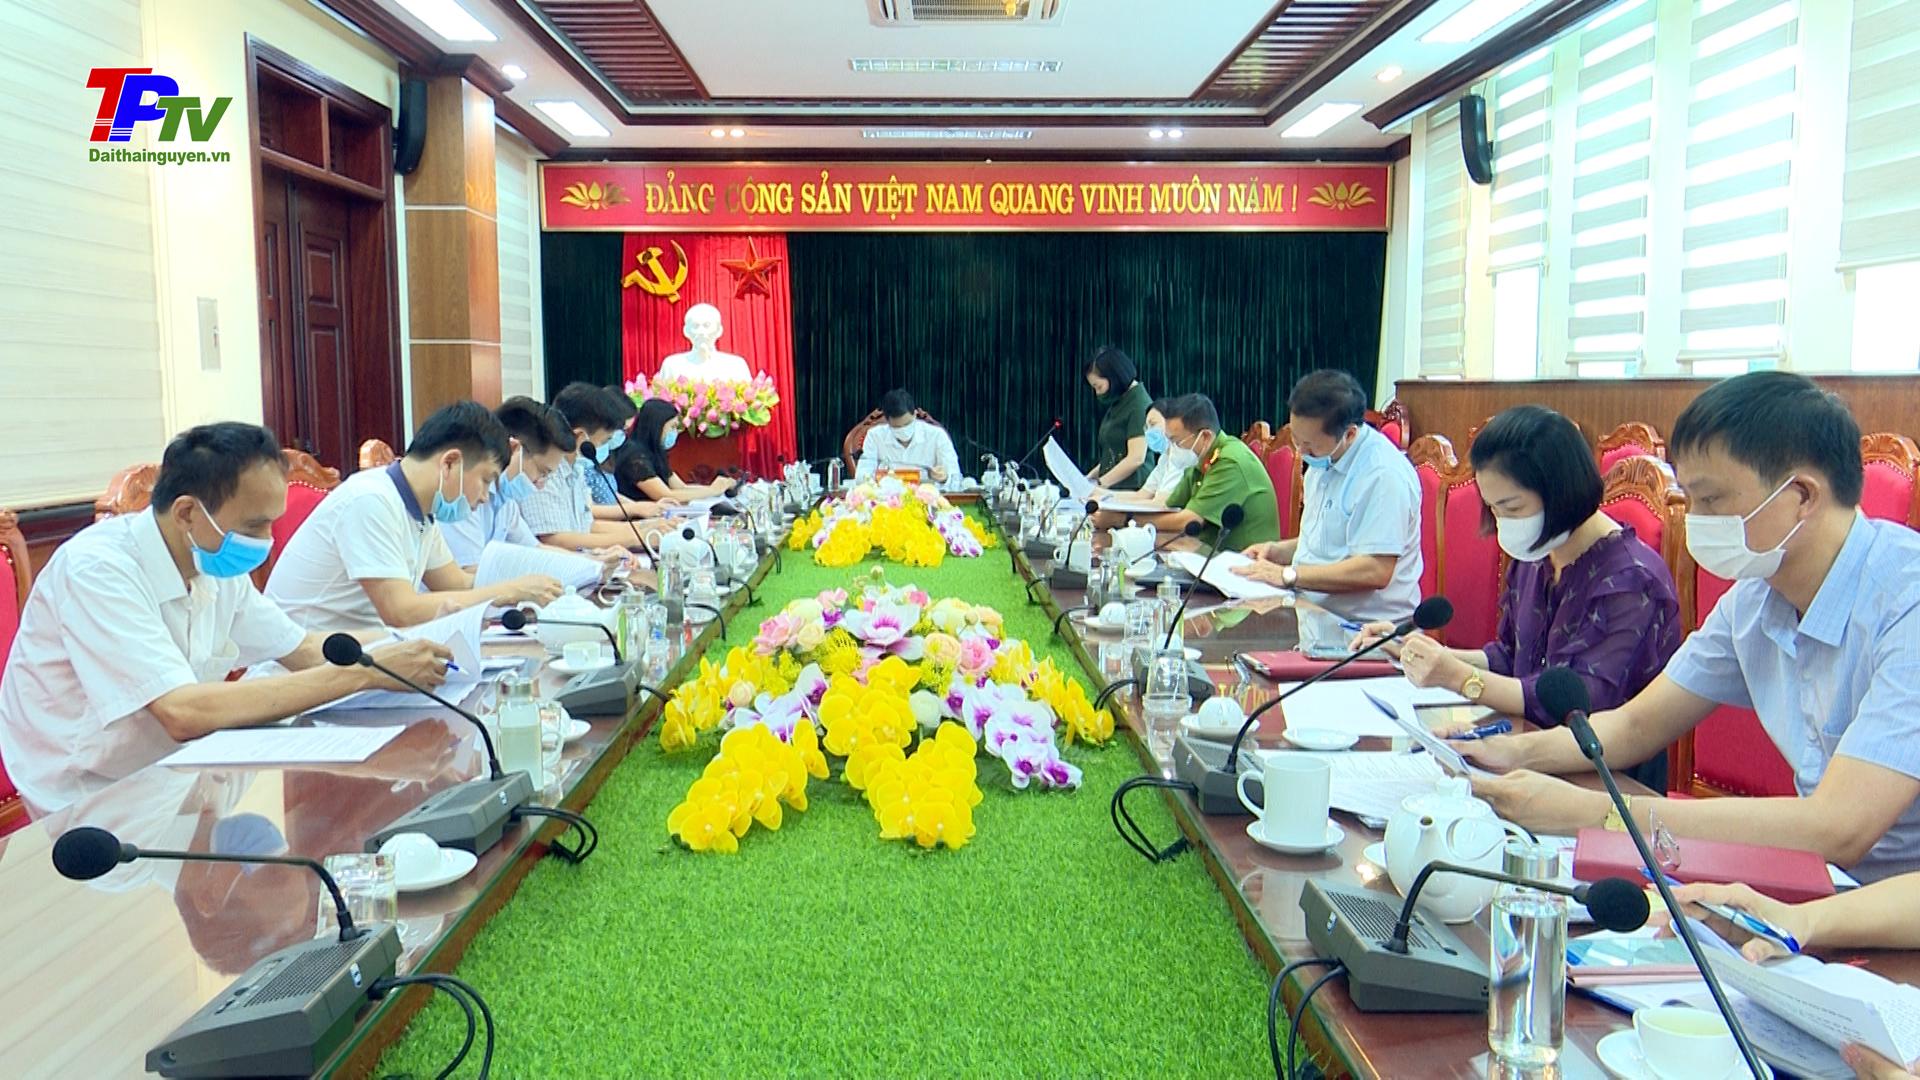 Ủy ban bầu cử TP Thái Nguyên: thông qua dự thảo báo cáo tổng kết cuộc bầu cử đại biểu Quốc hội khóa XV và bầu cử đại biểu HĐND các cấp nhiệm kỳ 2021 - 2026 trên địa bàn.